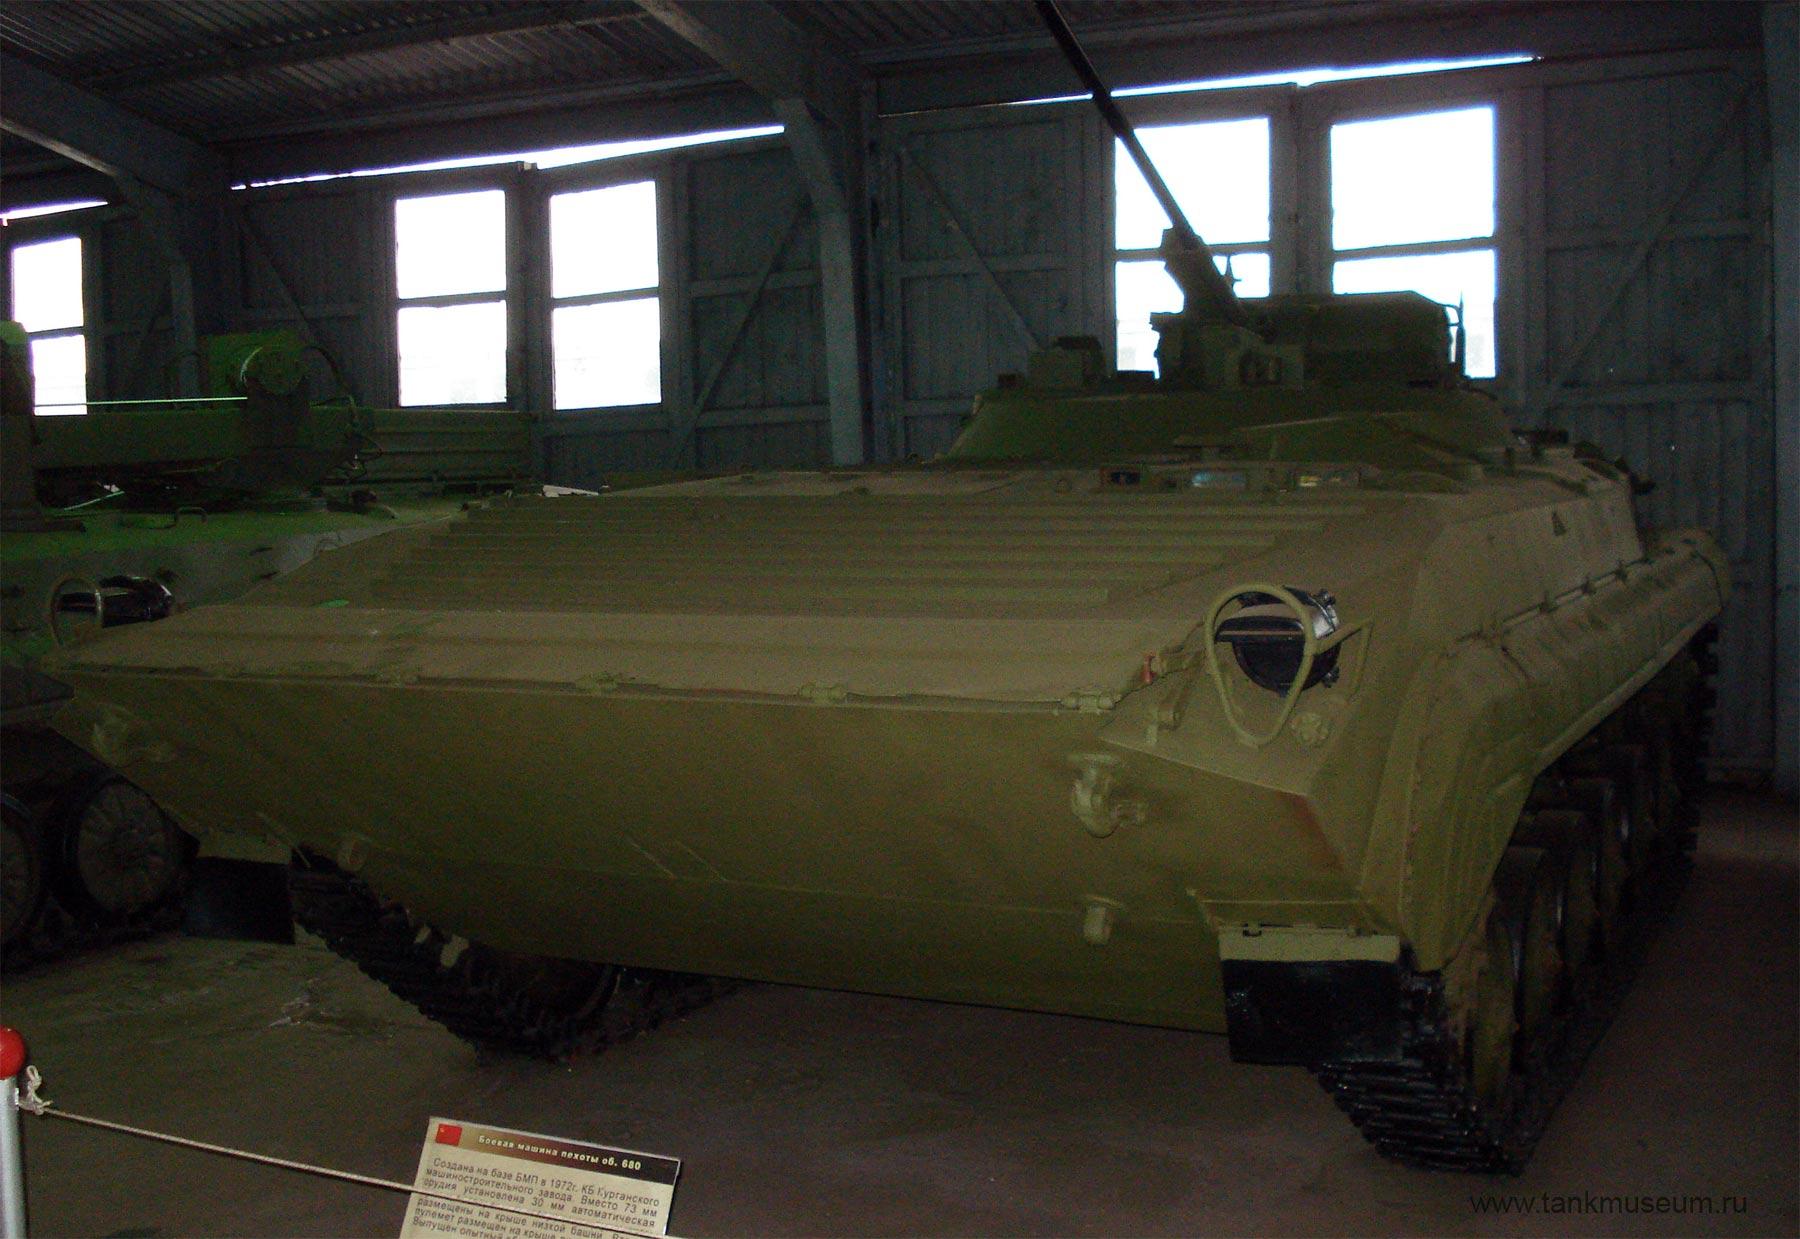 Боевая машина пехоты объект 680 (СССР), танковый музей в Кубинке